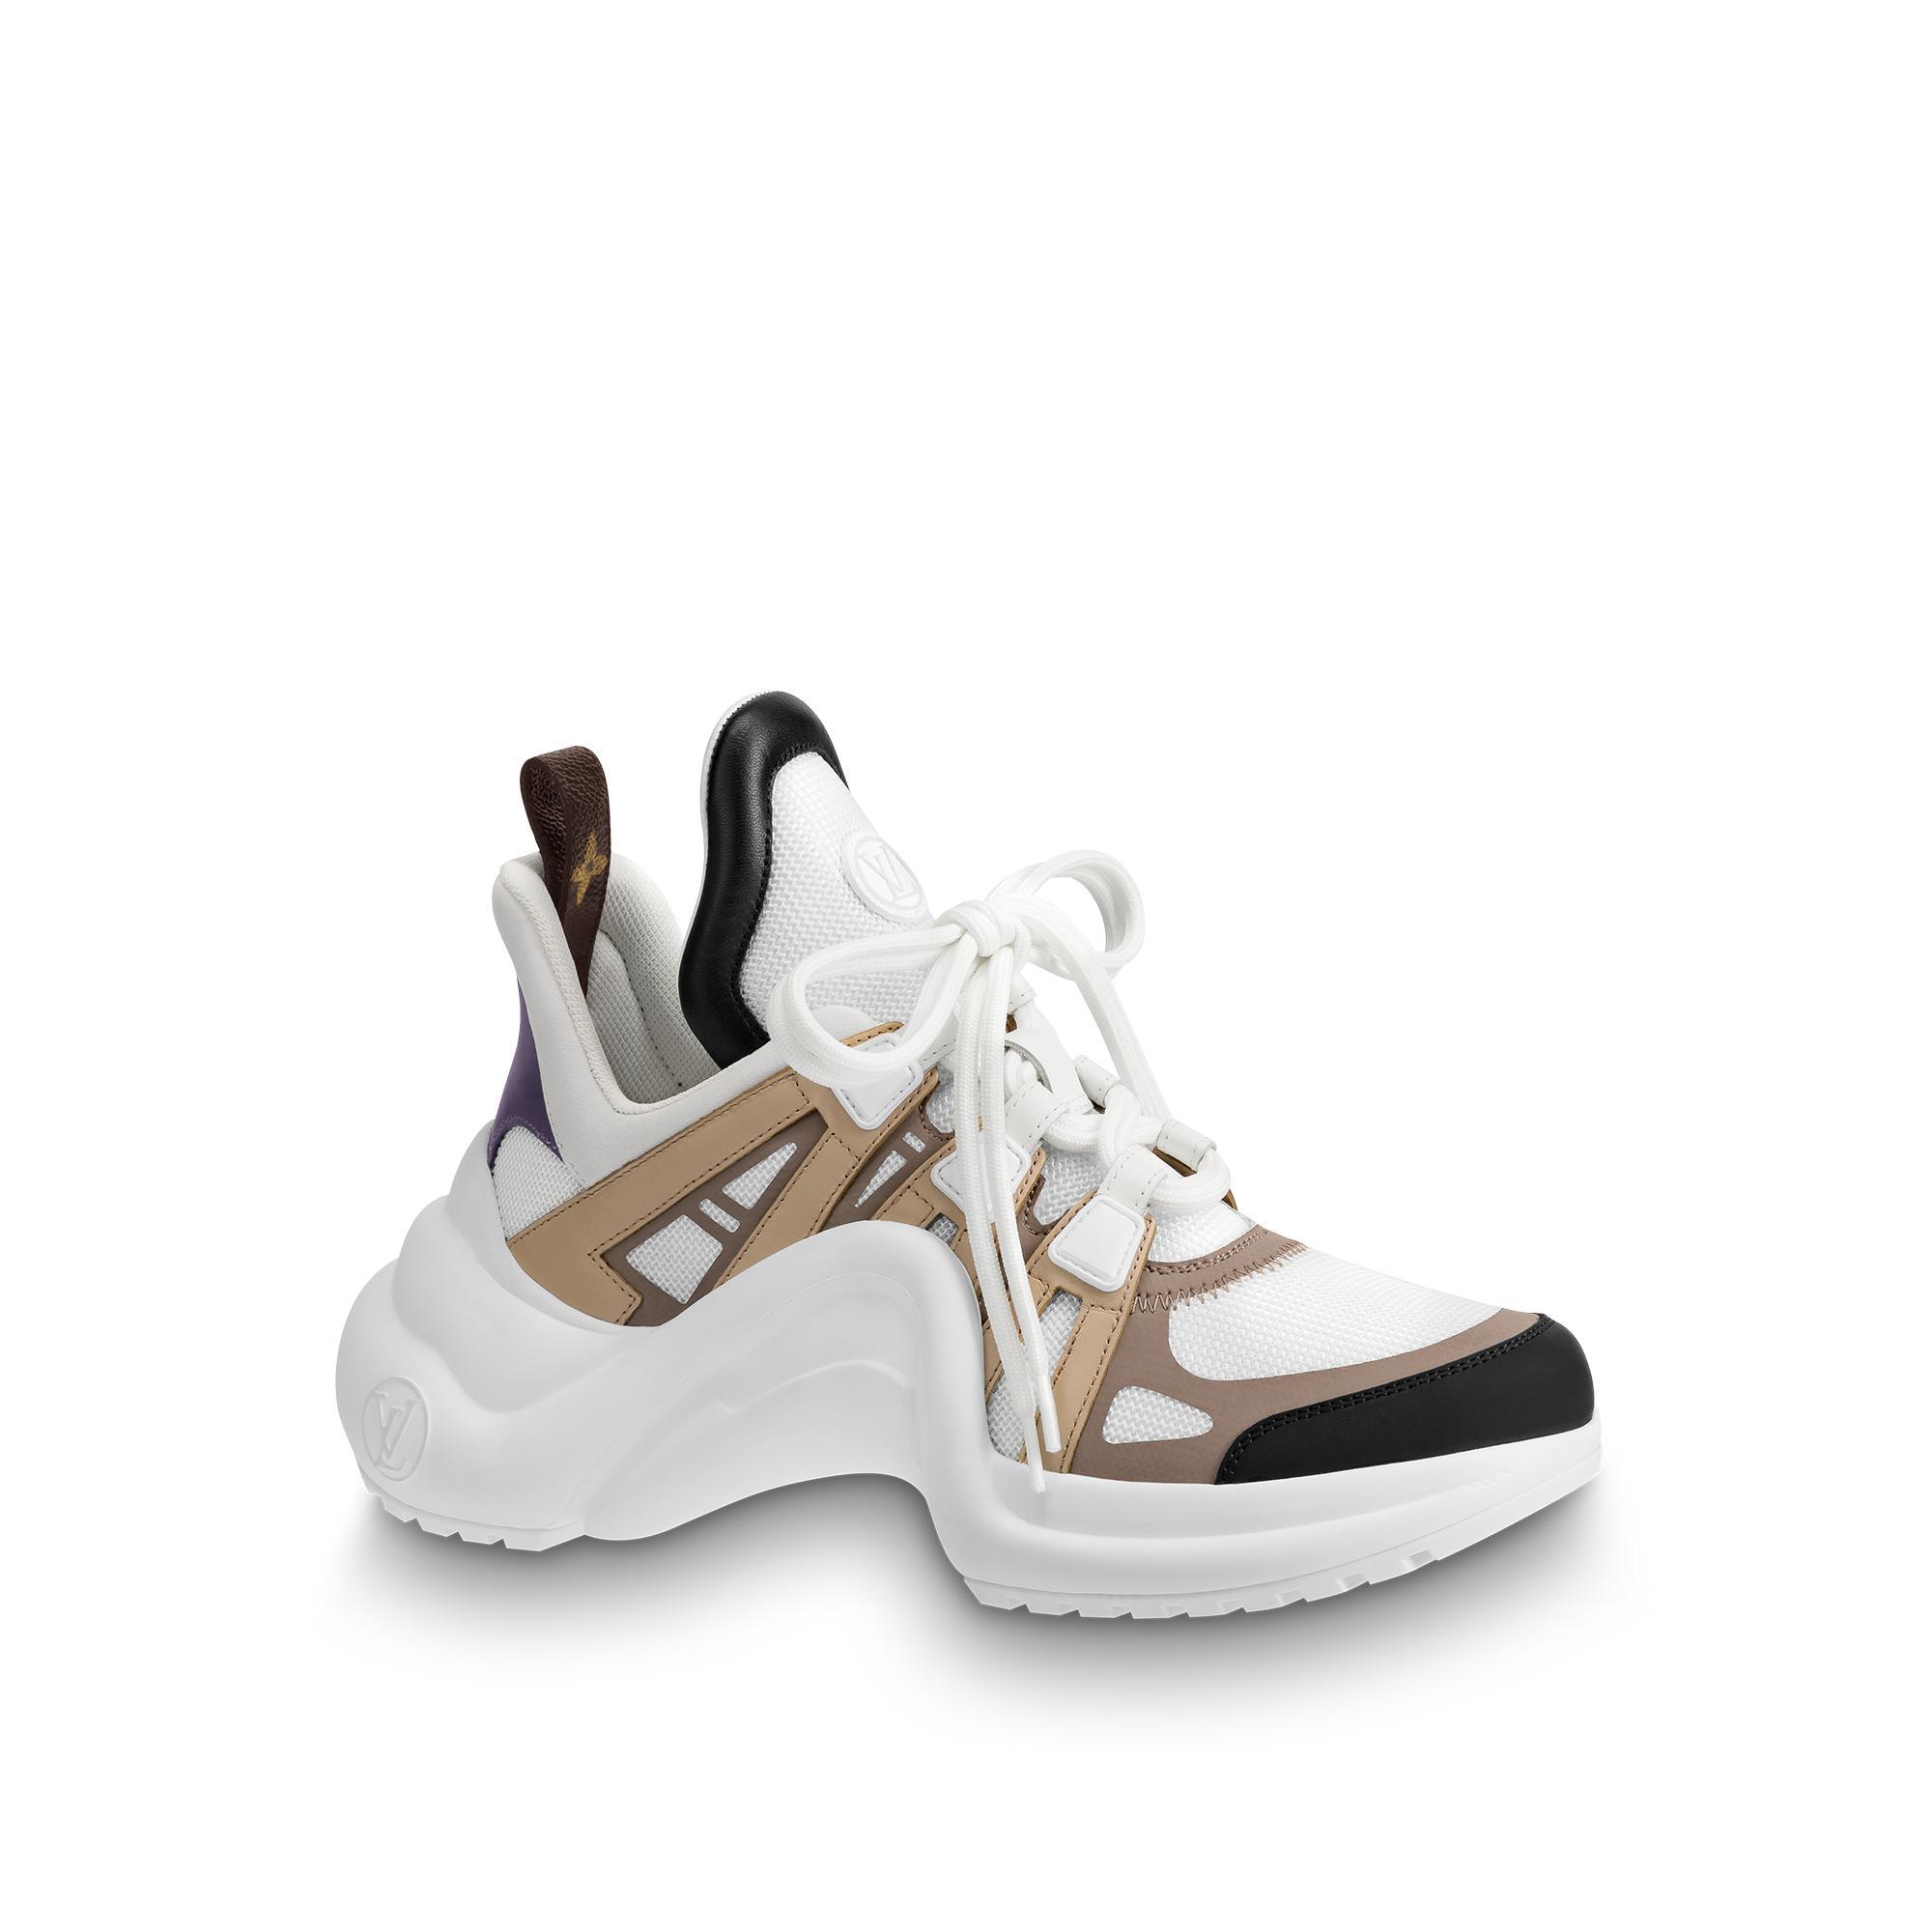 4c8e7f85a9a Lv Archlight Sneaker